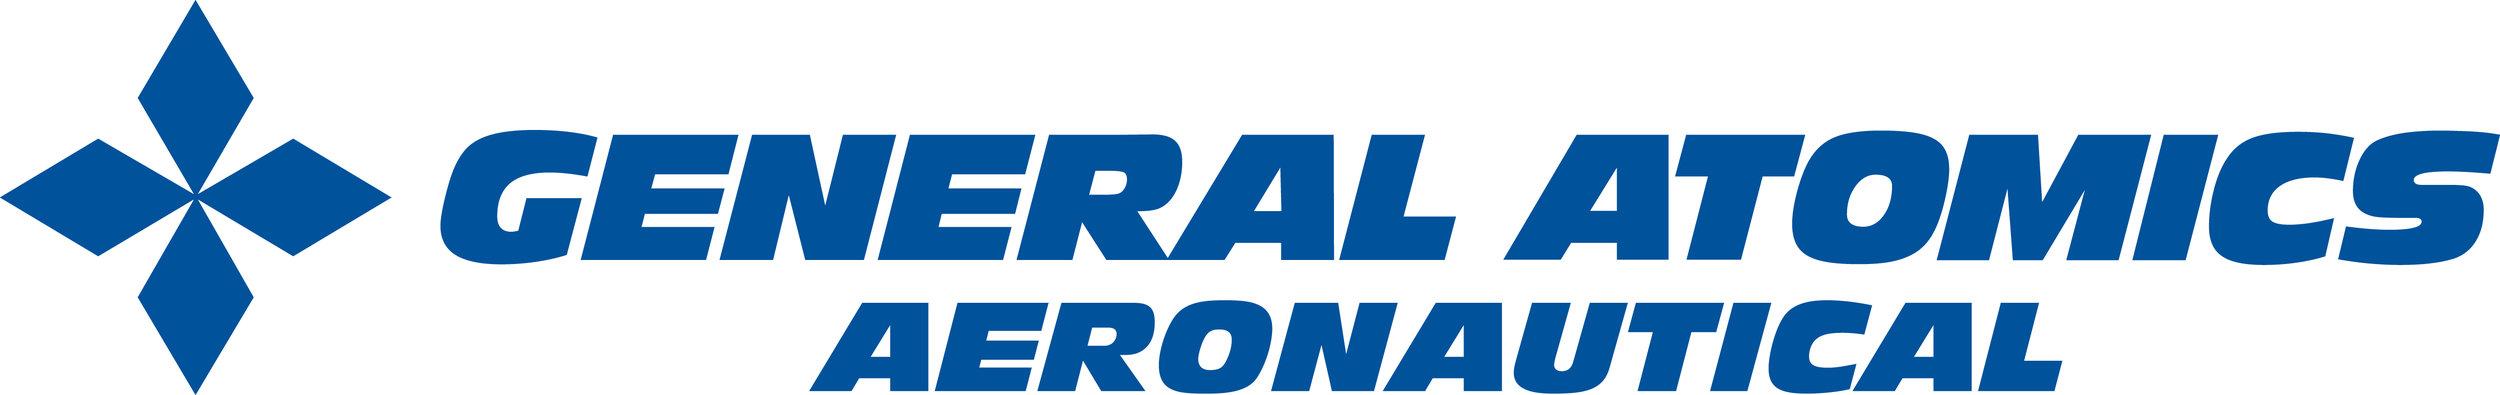 lg format blue GA ASI logo.jpg